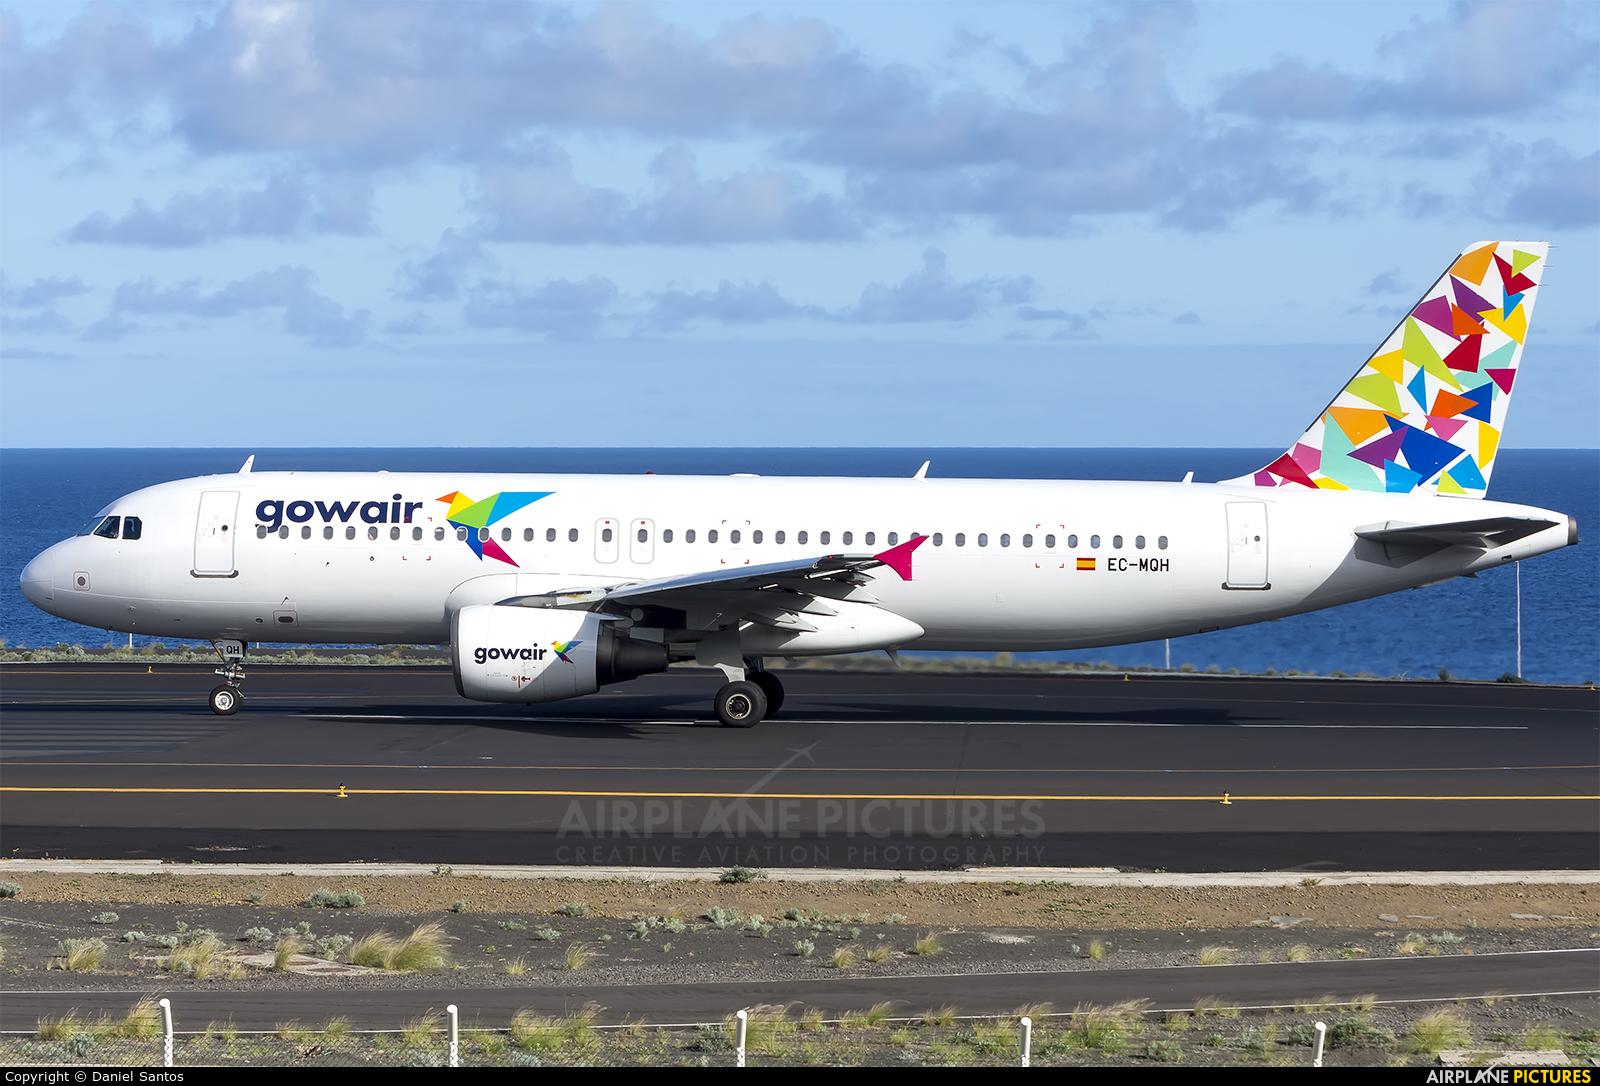 Gowair Airlines EC-MQH aircraft at Santa Cruz de La Palma